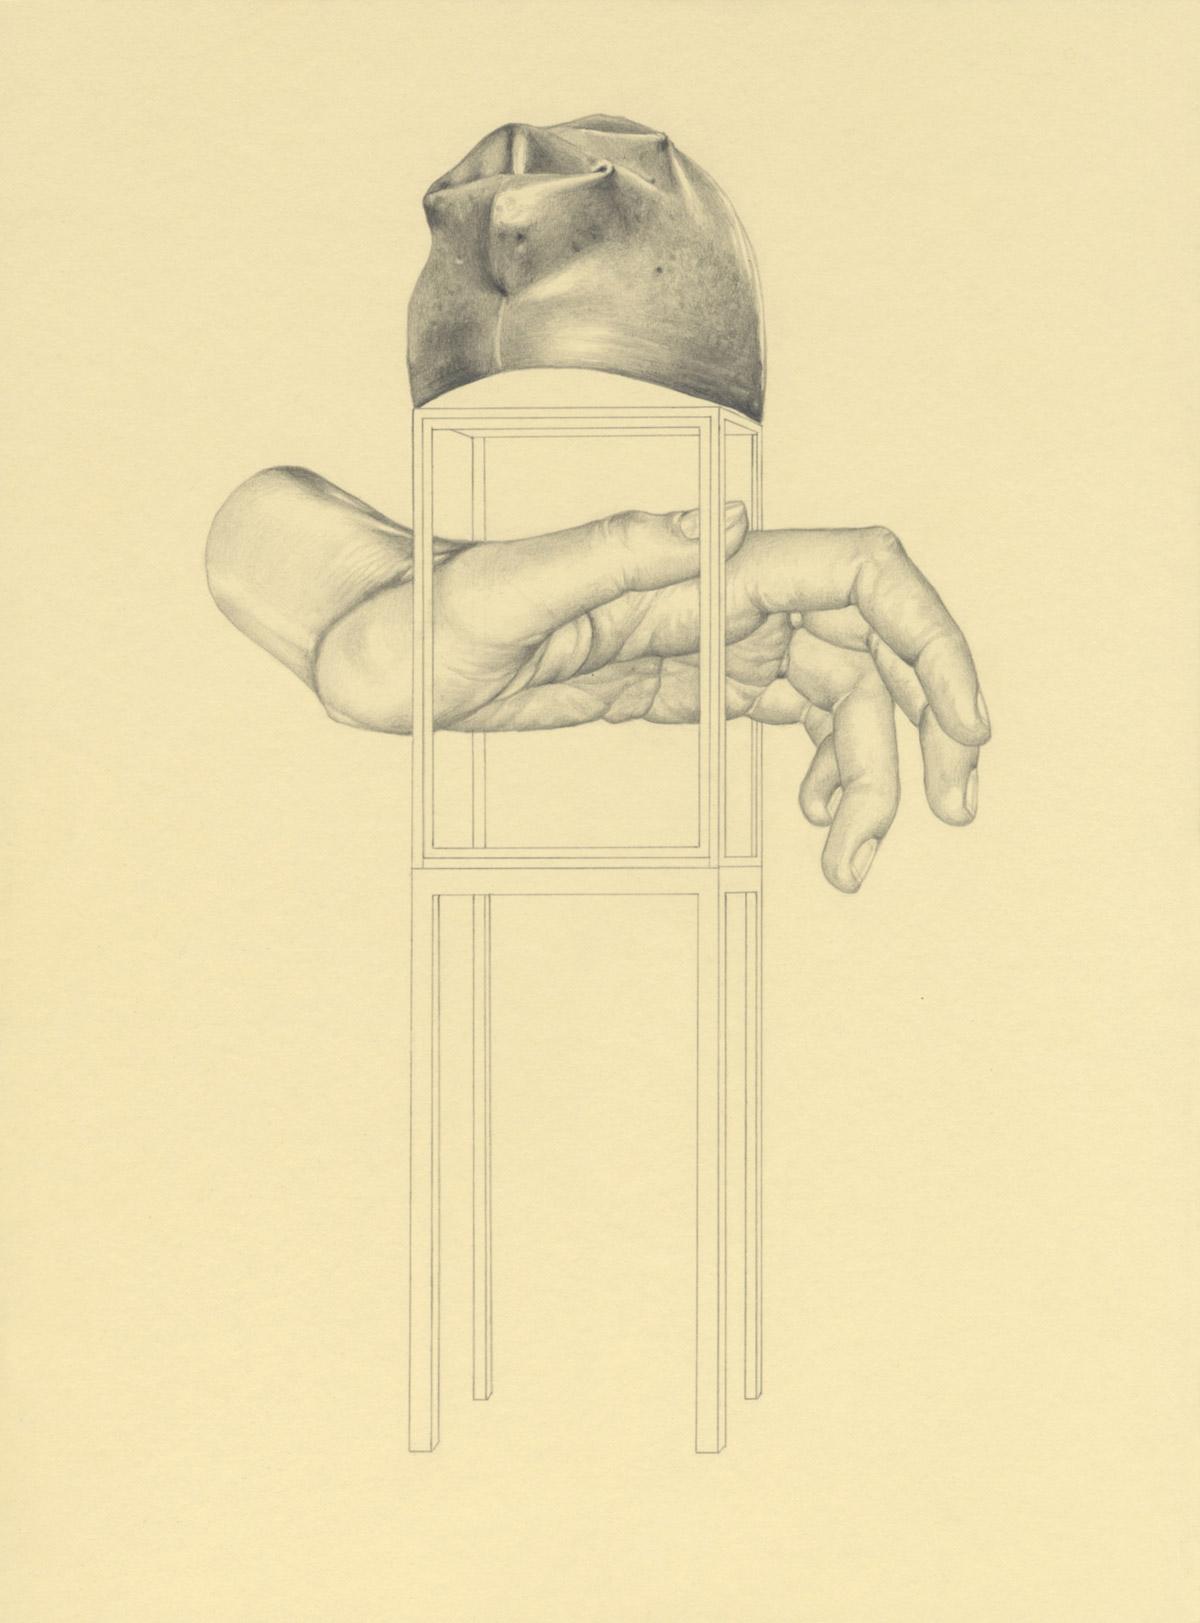 Oriana Fenwick